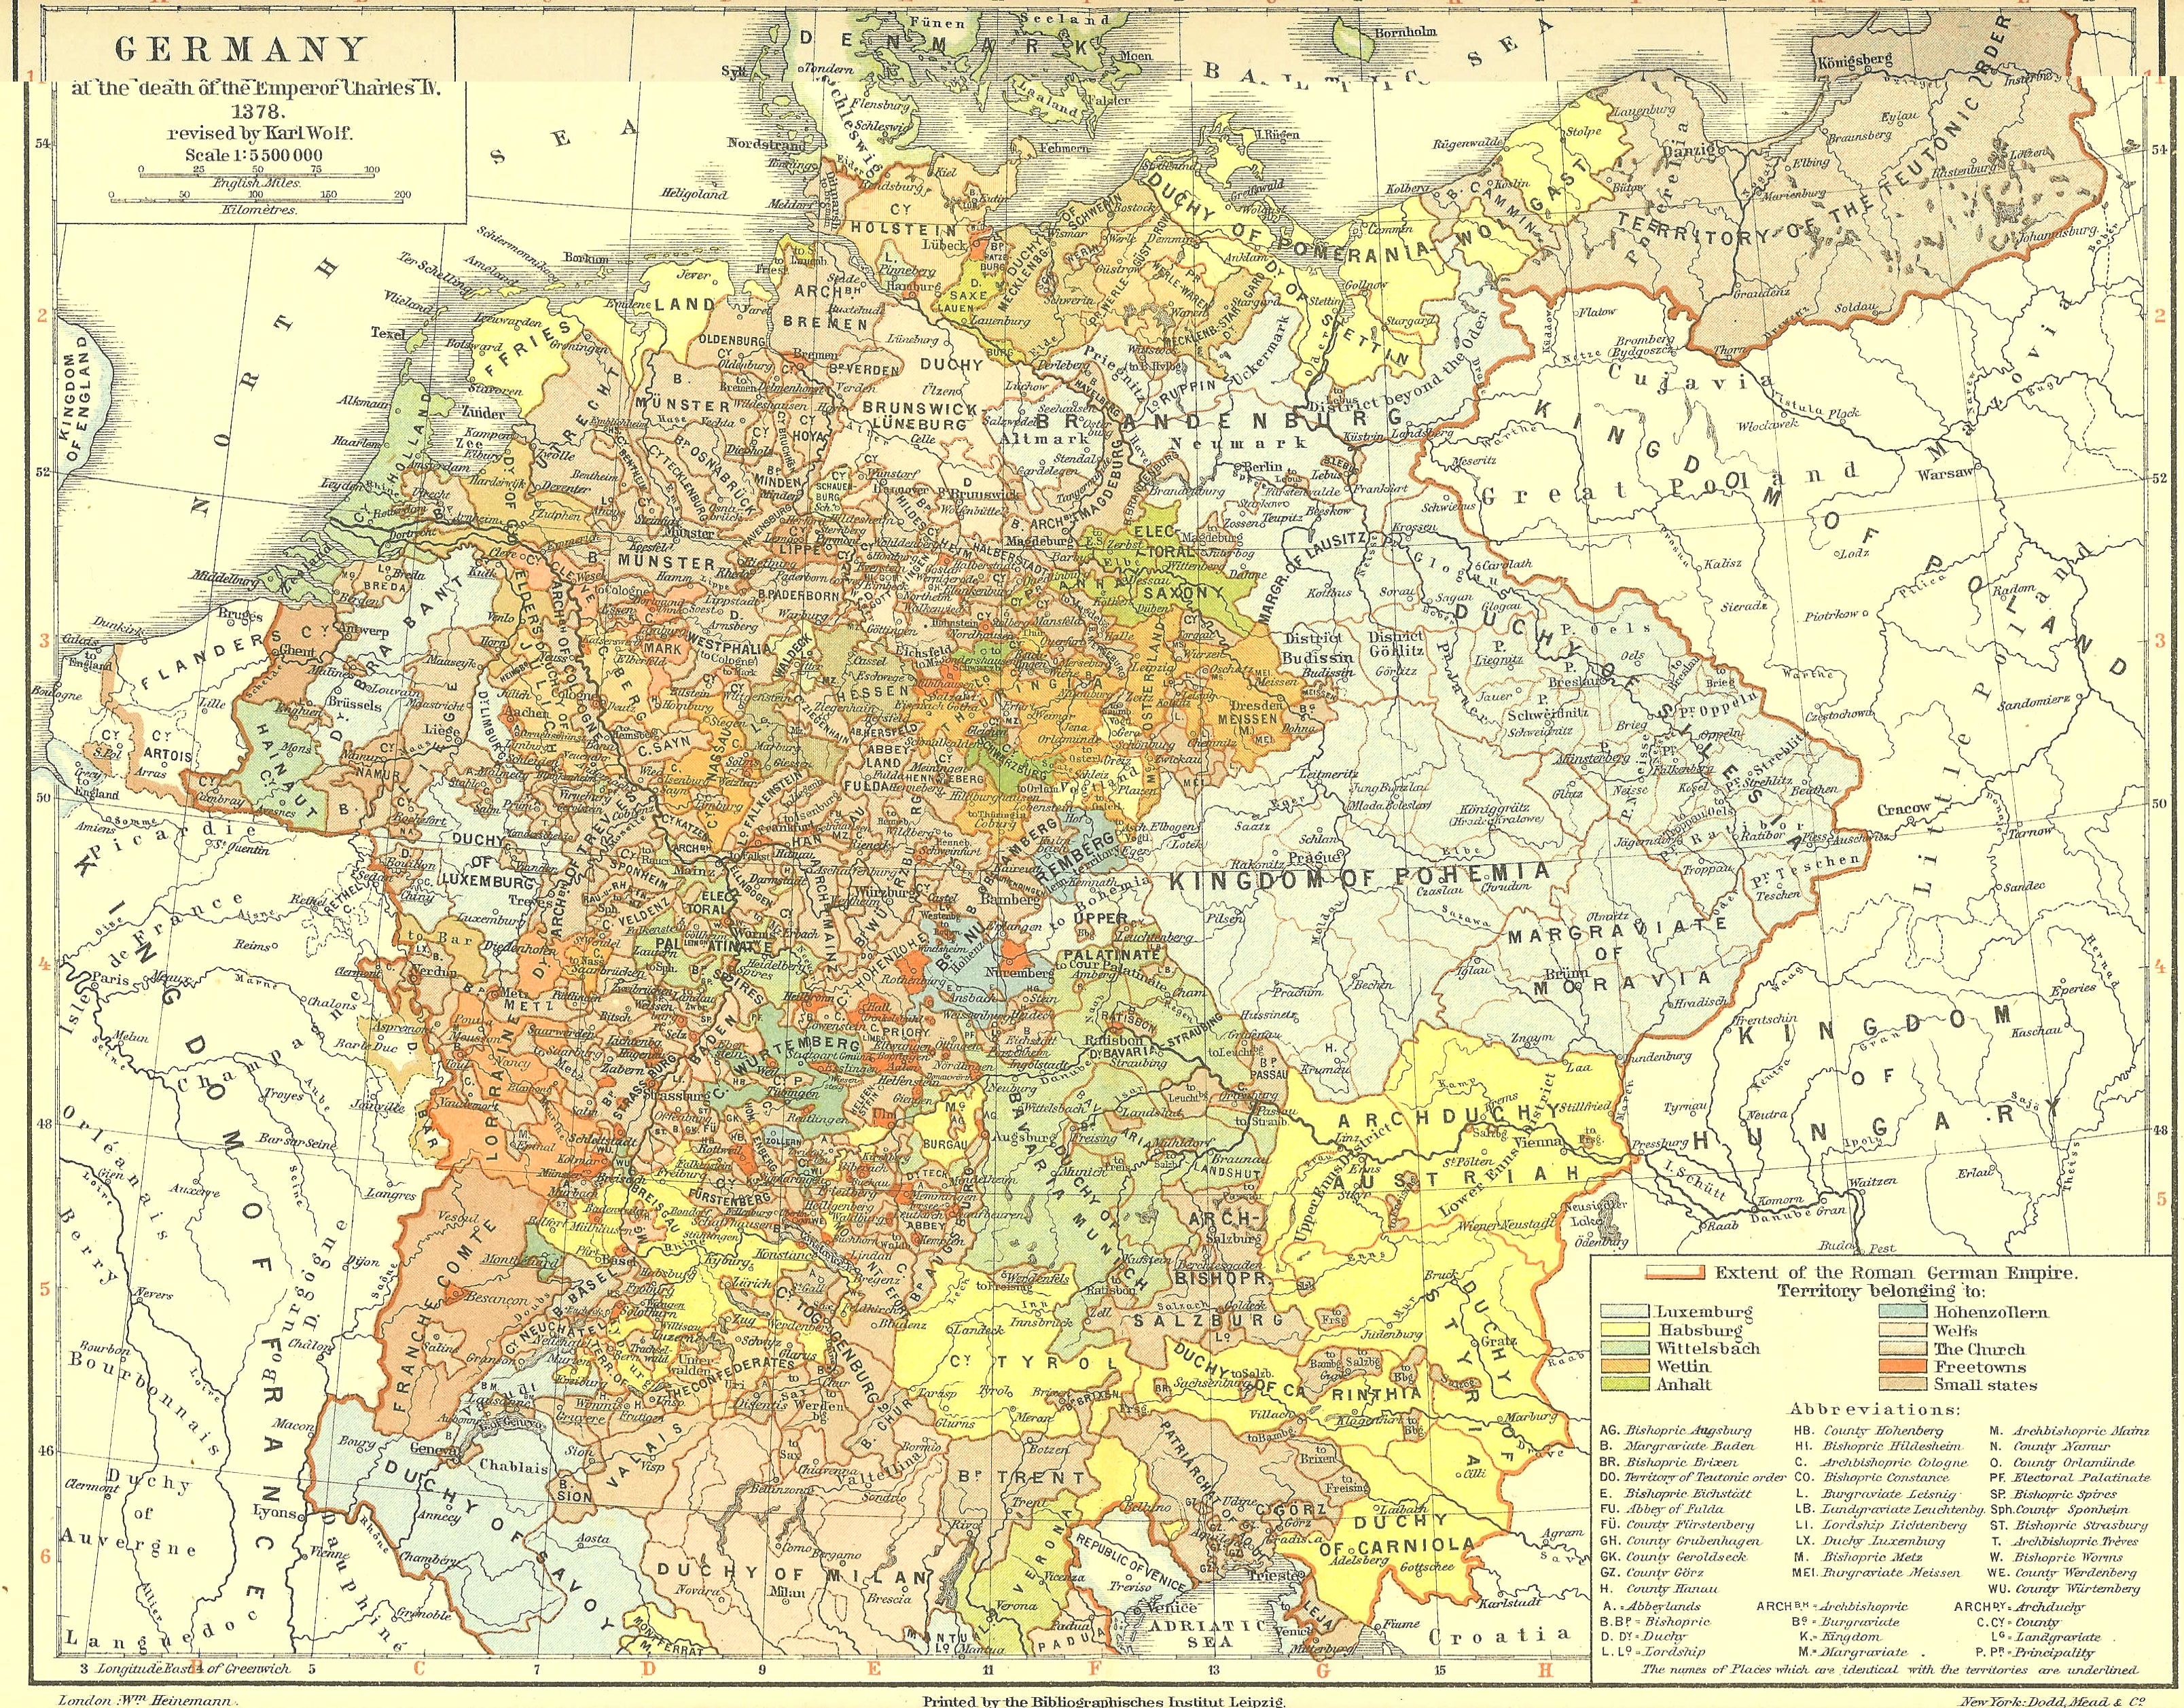 Alemania en 1378